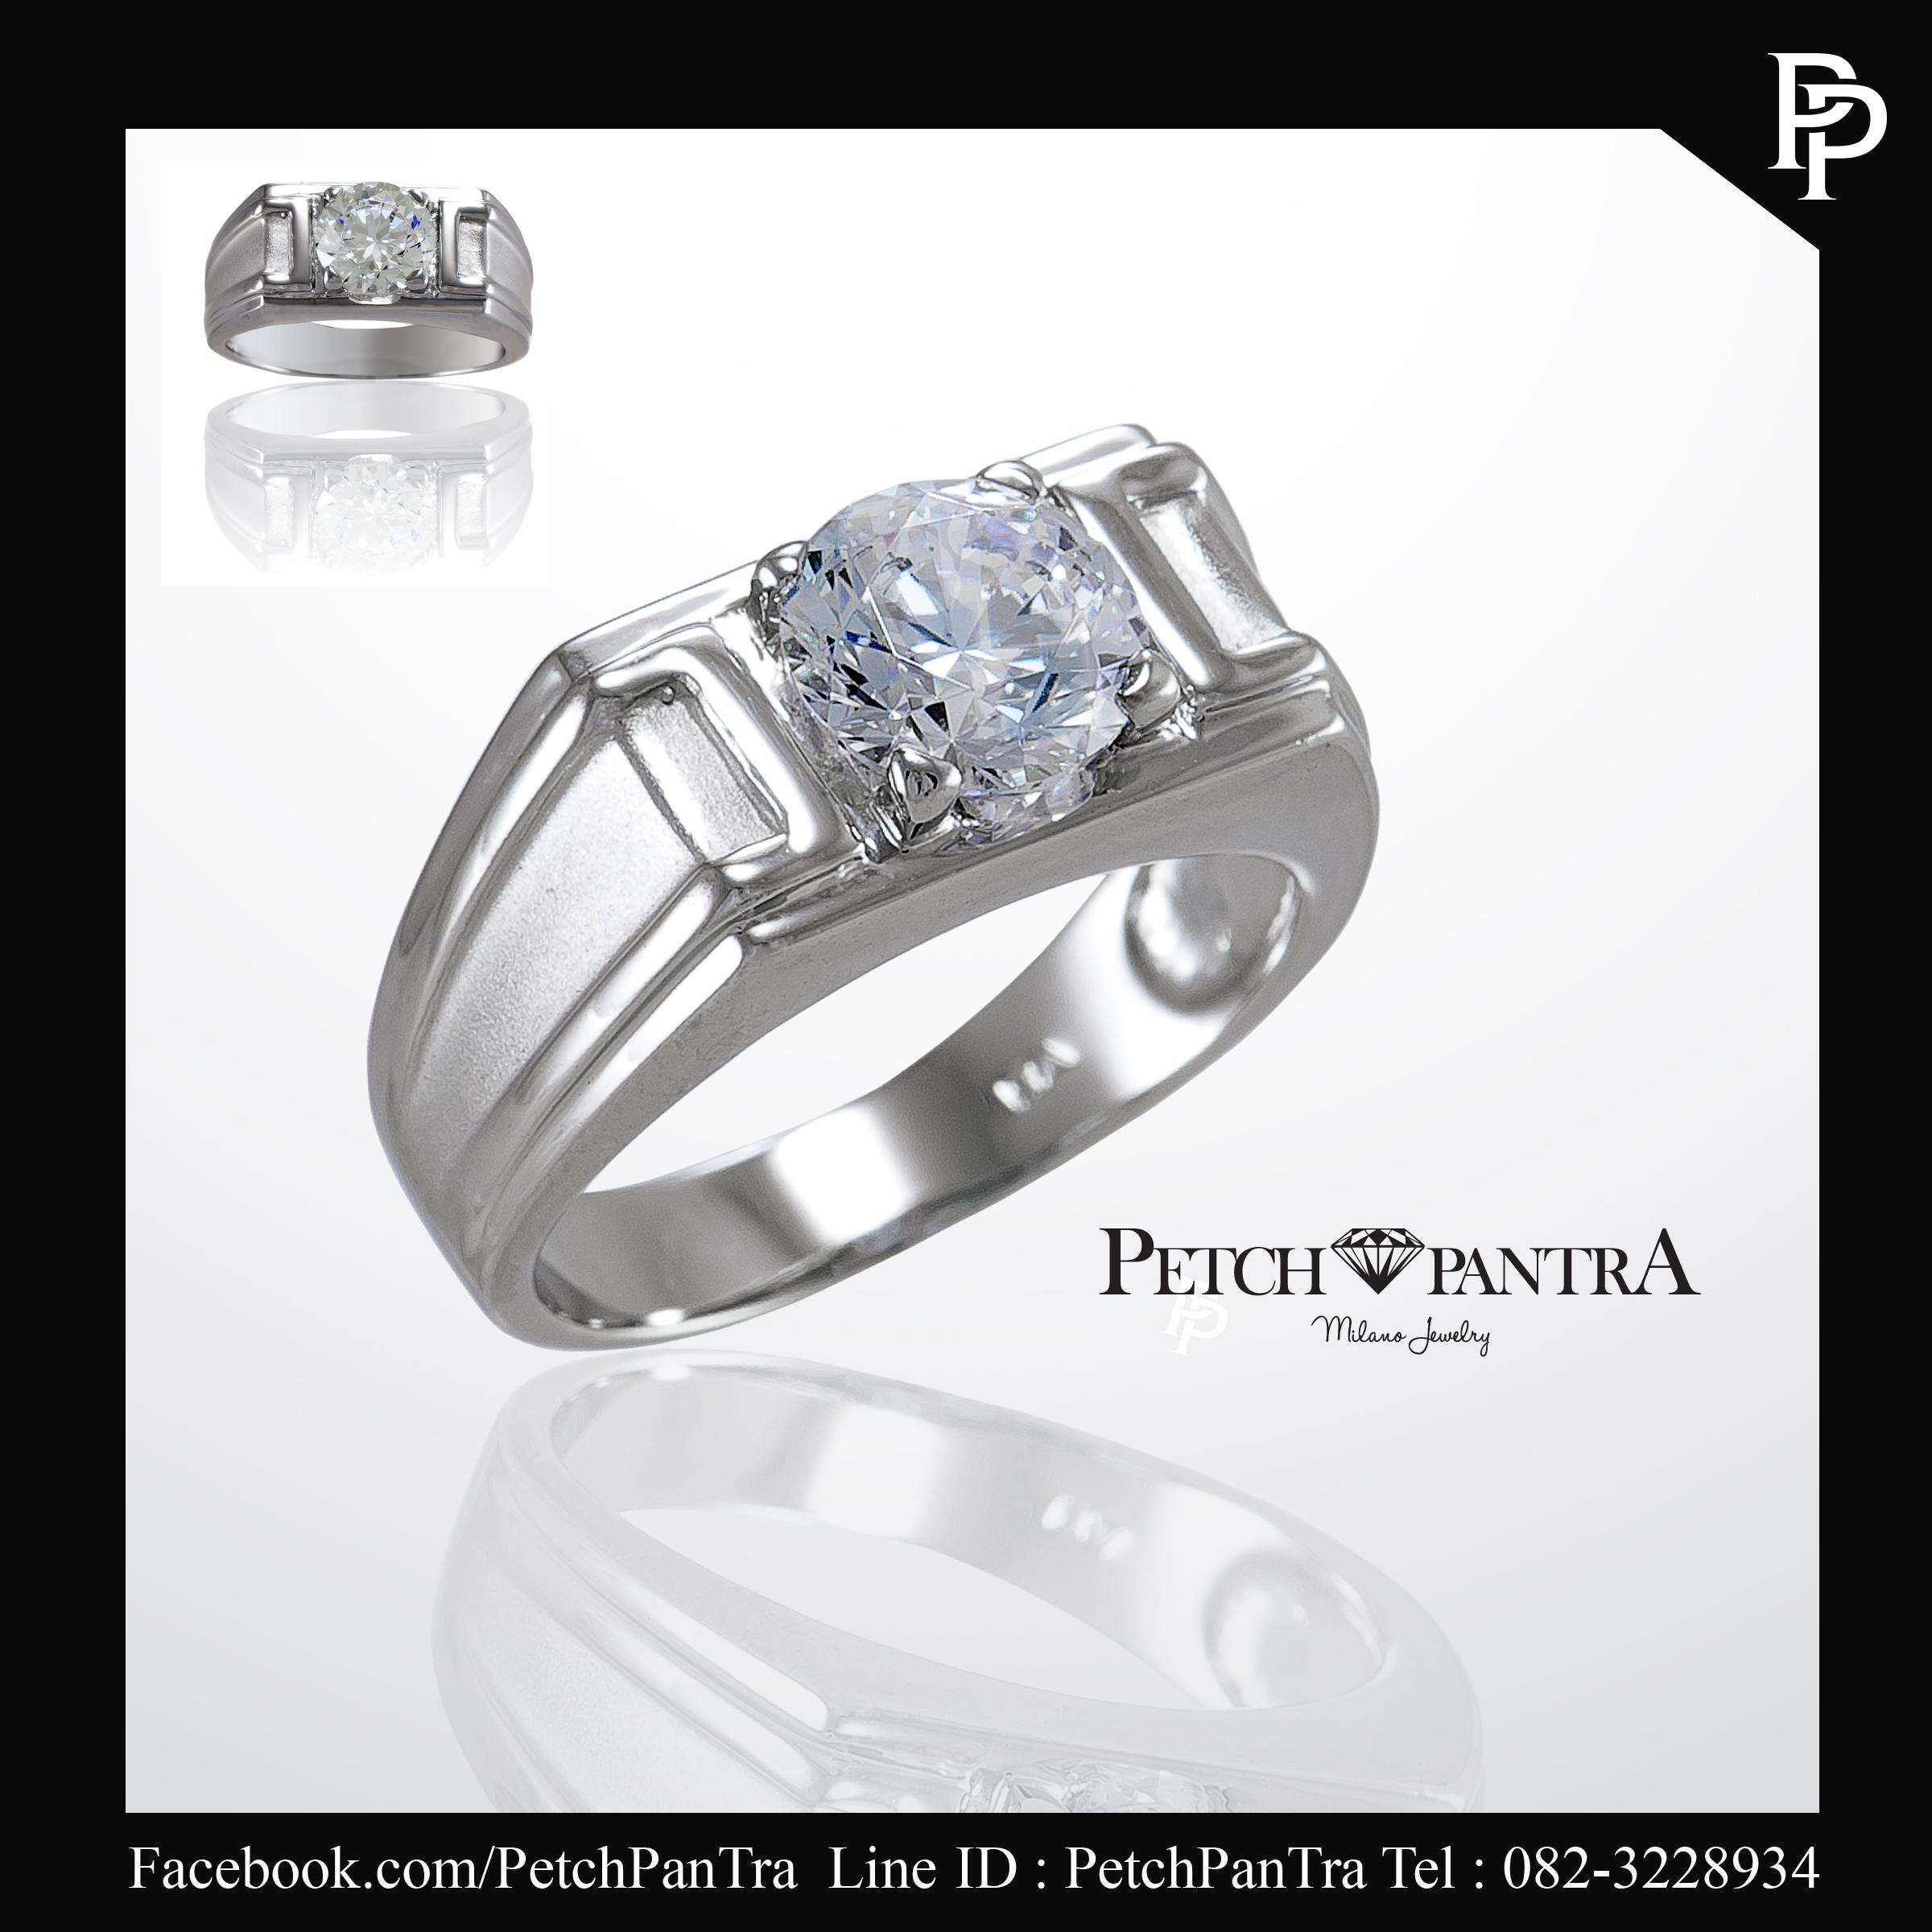 แหวนเพชรCZ แหวนเพชรรัสเซีย ผู้ชายเม็ดกลาง 3 กะรัต